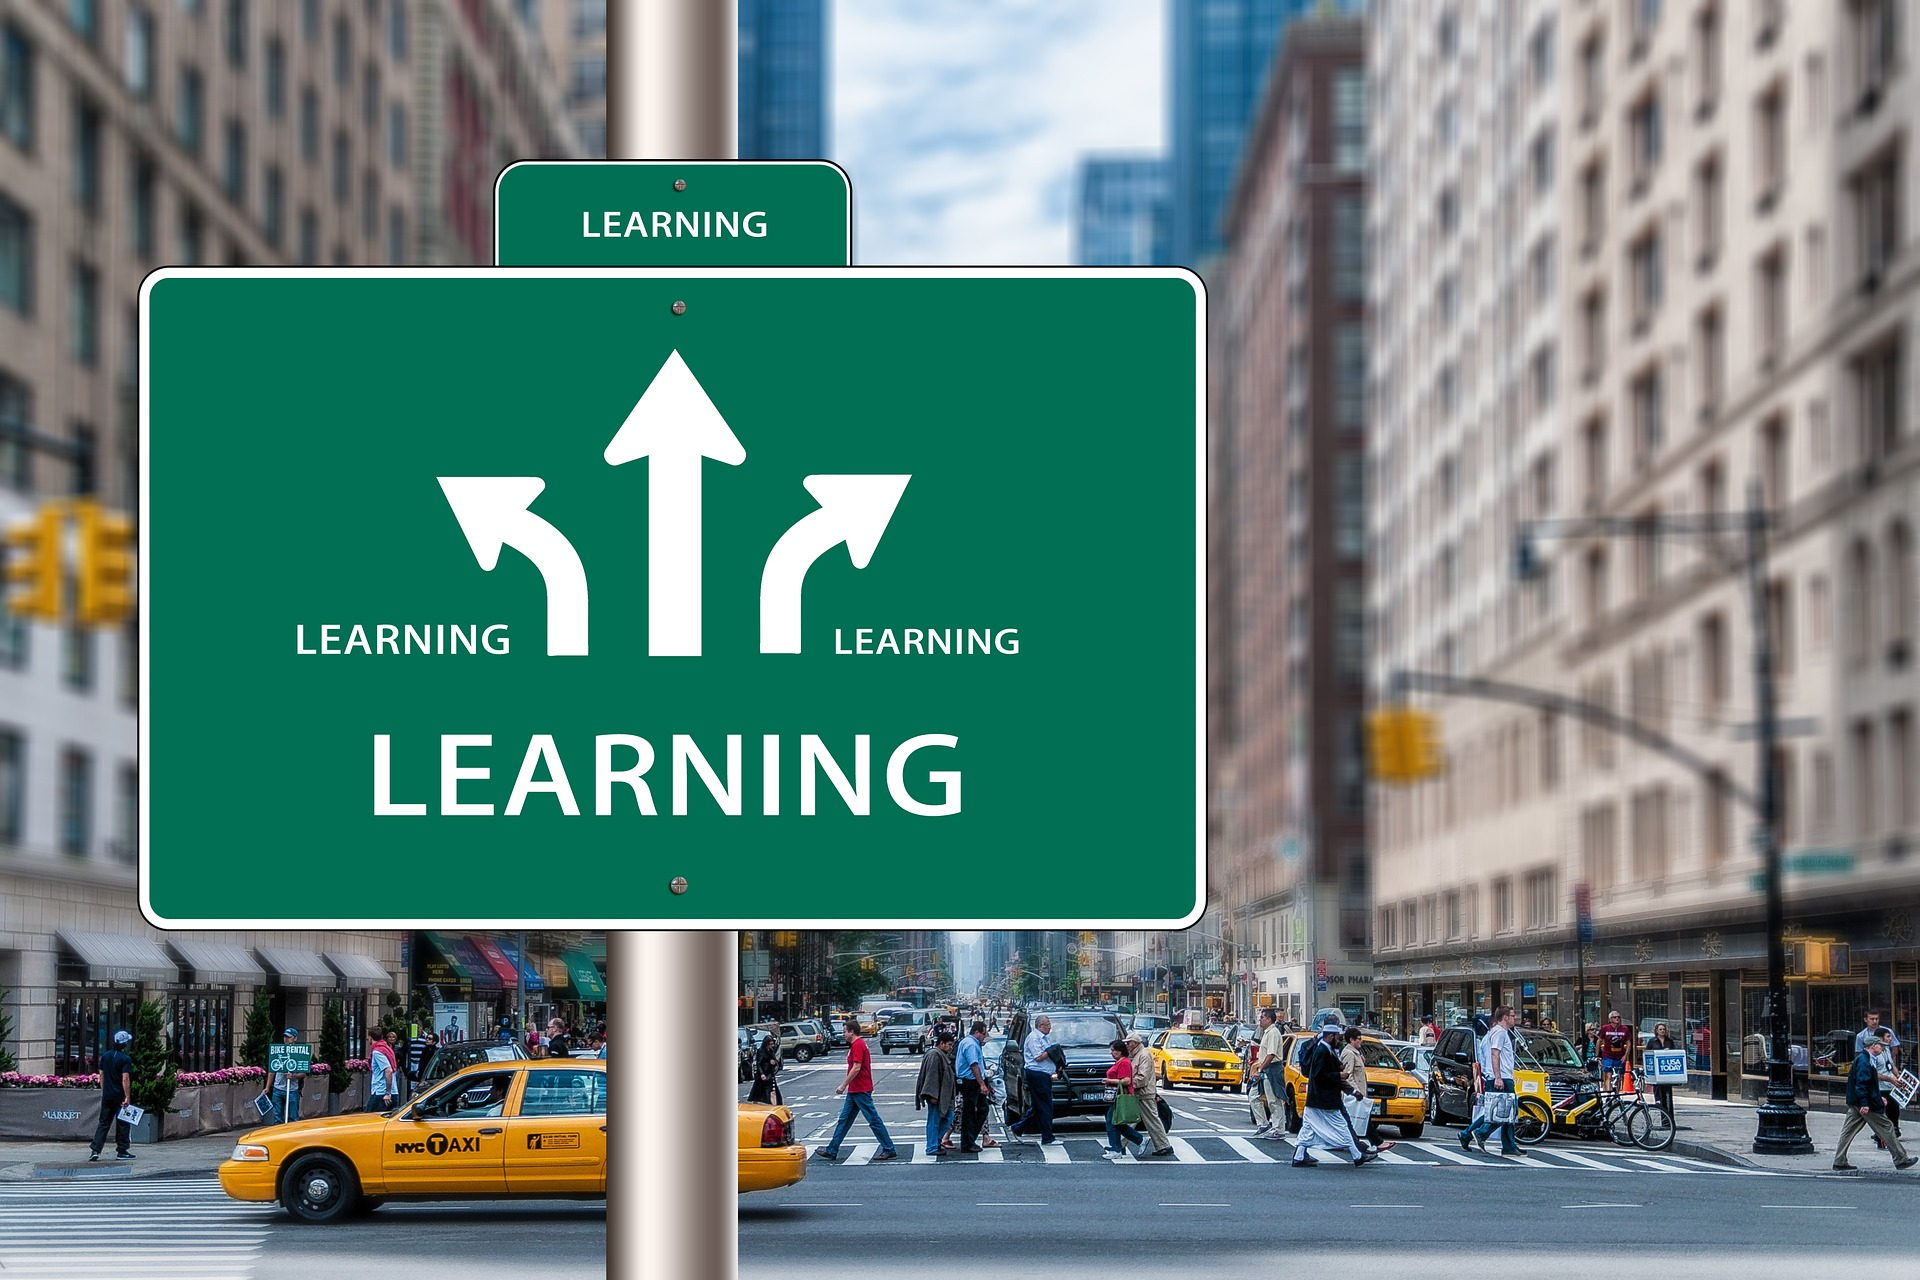 Αφιέρωμα: Σπουδές στα Τουριστικά